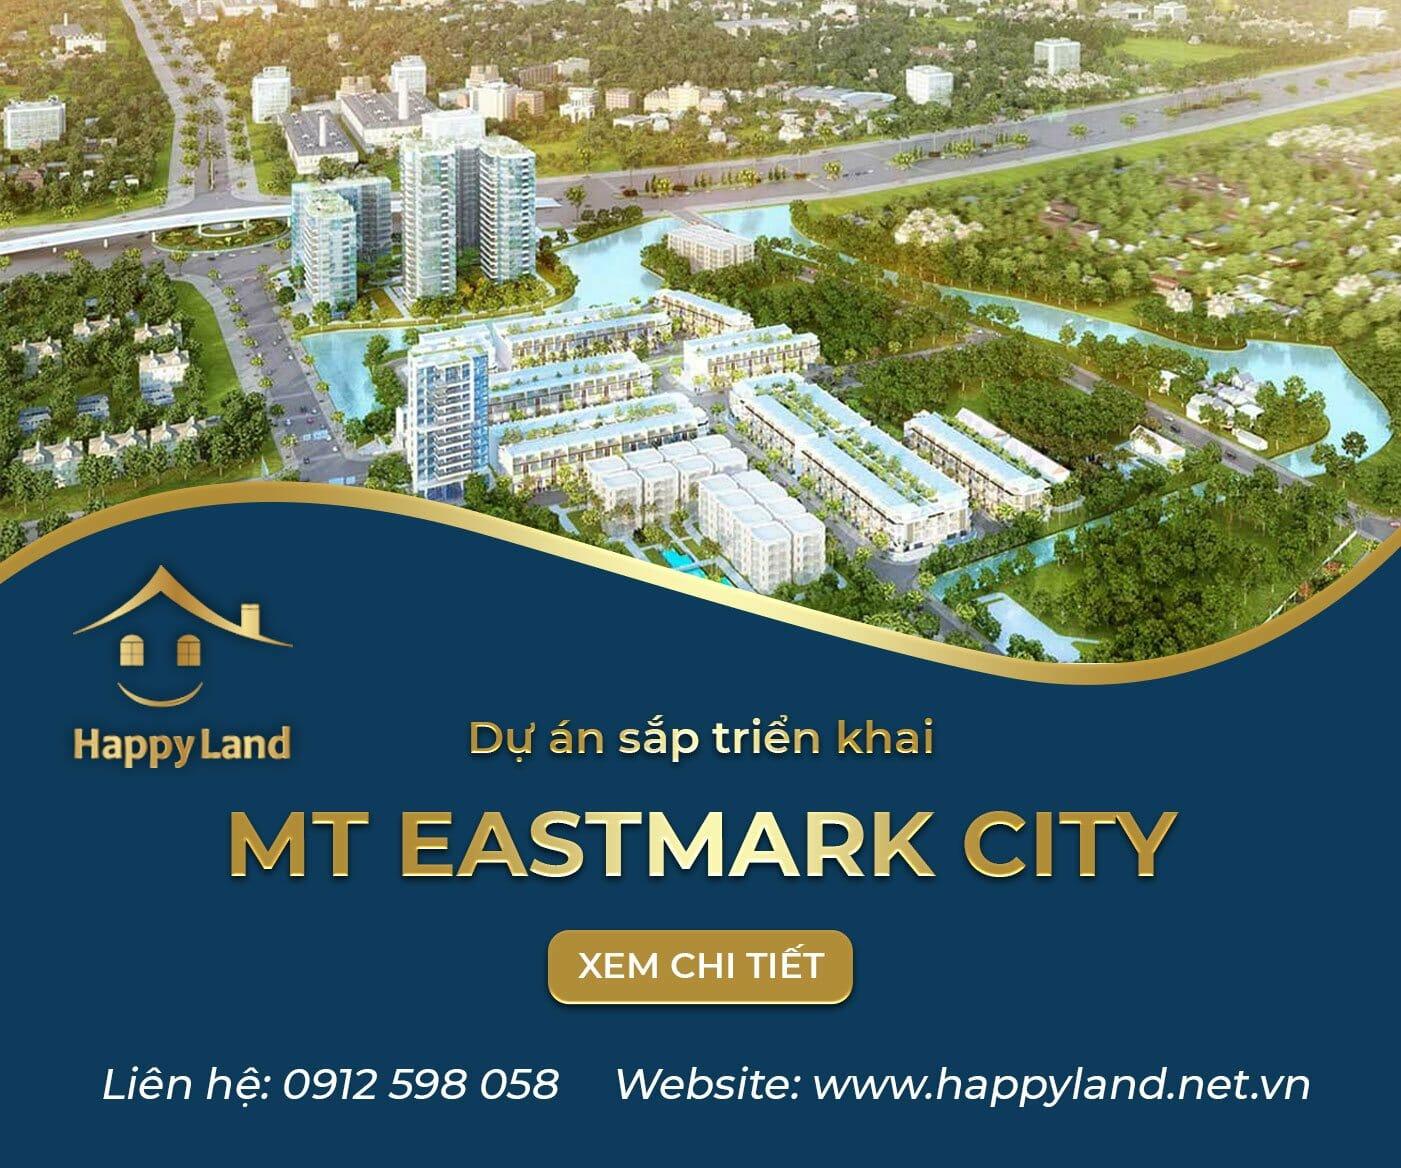 dự án sắp triển khai căn hộ MT EASTMARK CITY